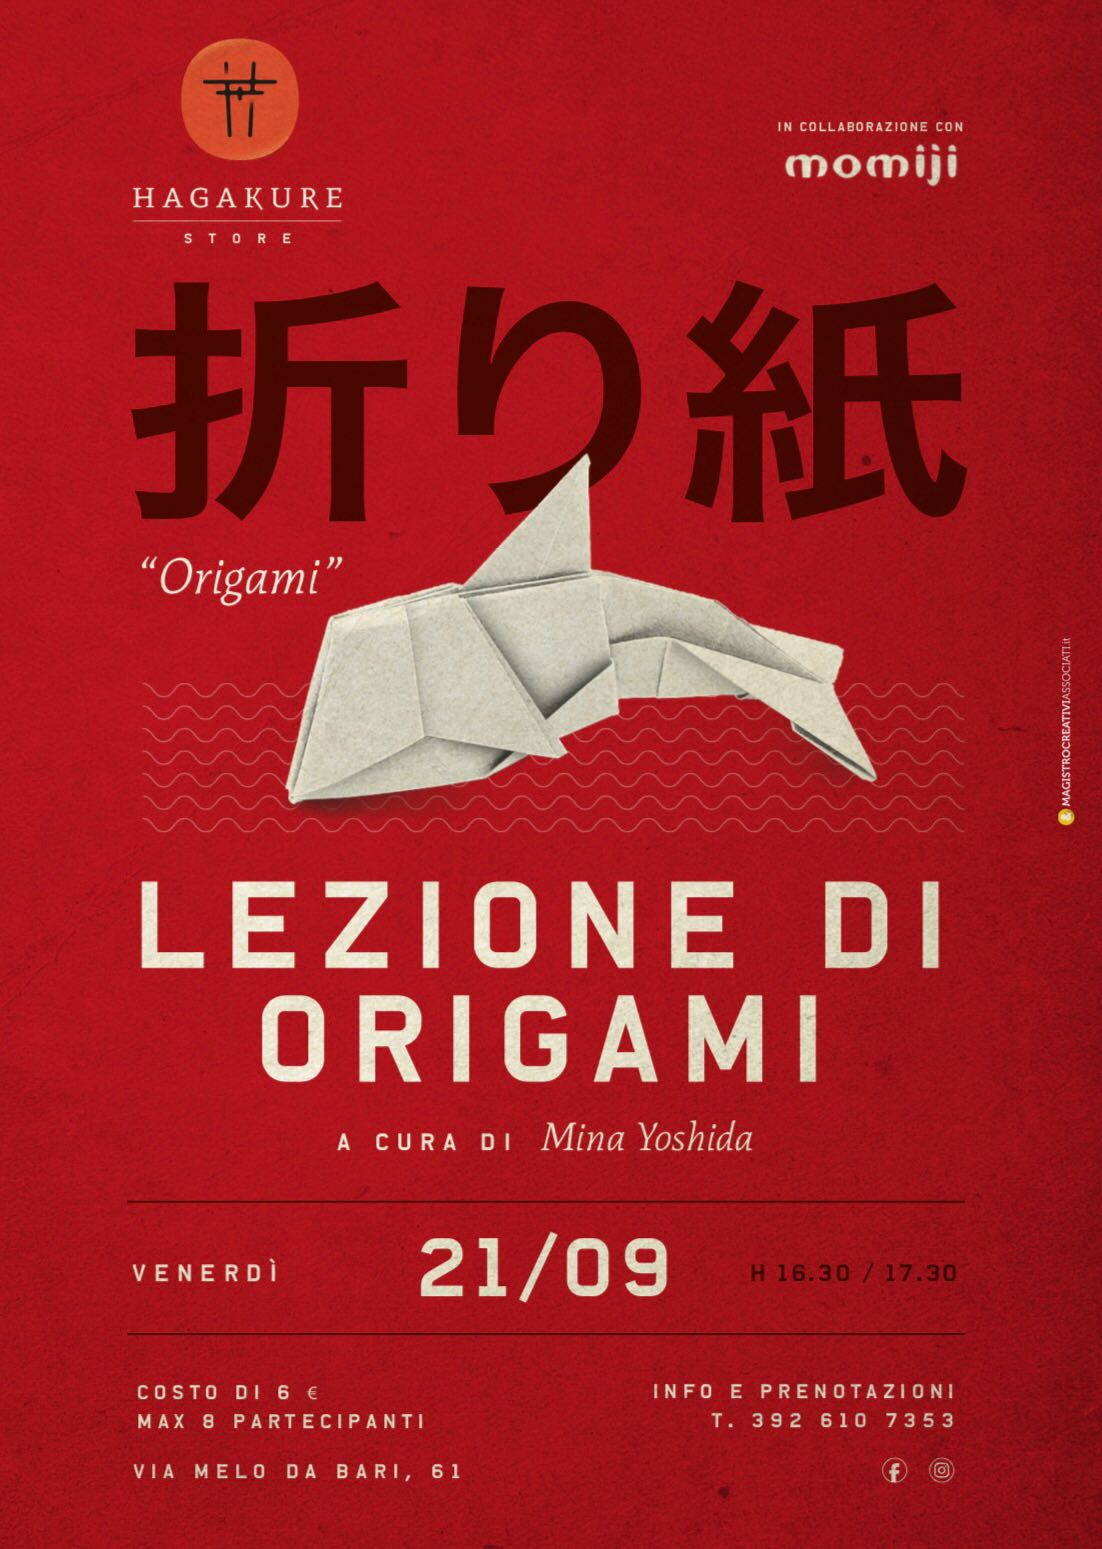 hagakure sushi fusion SAVE THE DATE - LEZIONE DI ORIGAMI